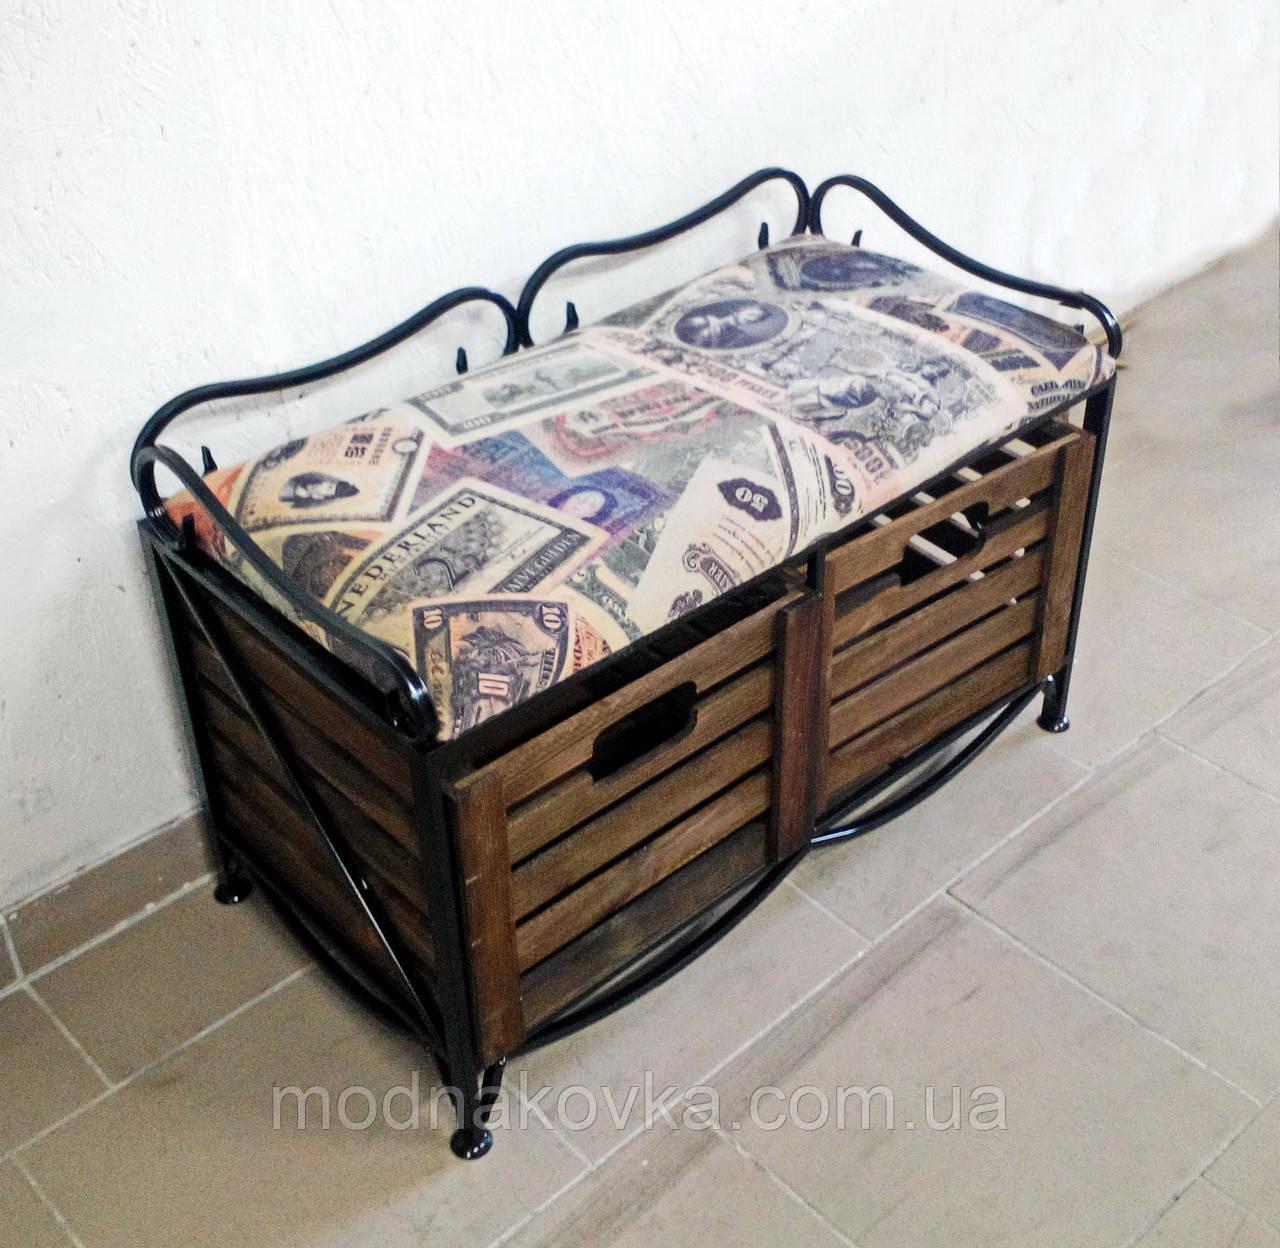 Диван-этажерка лавка кованая с 2 ящиками